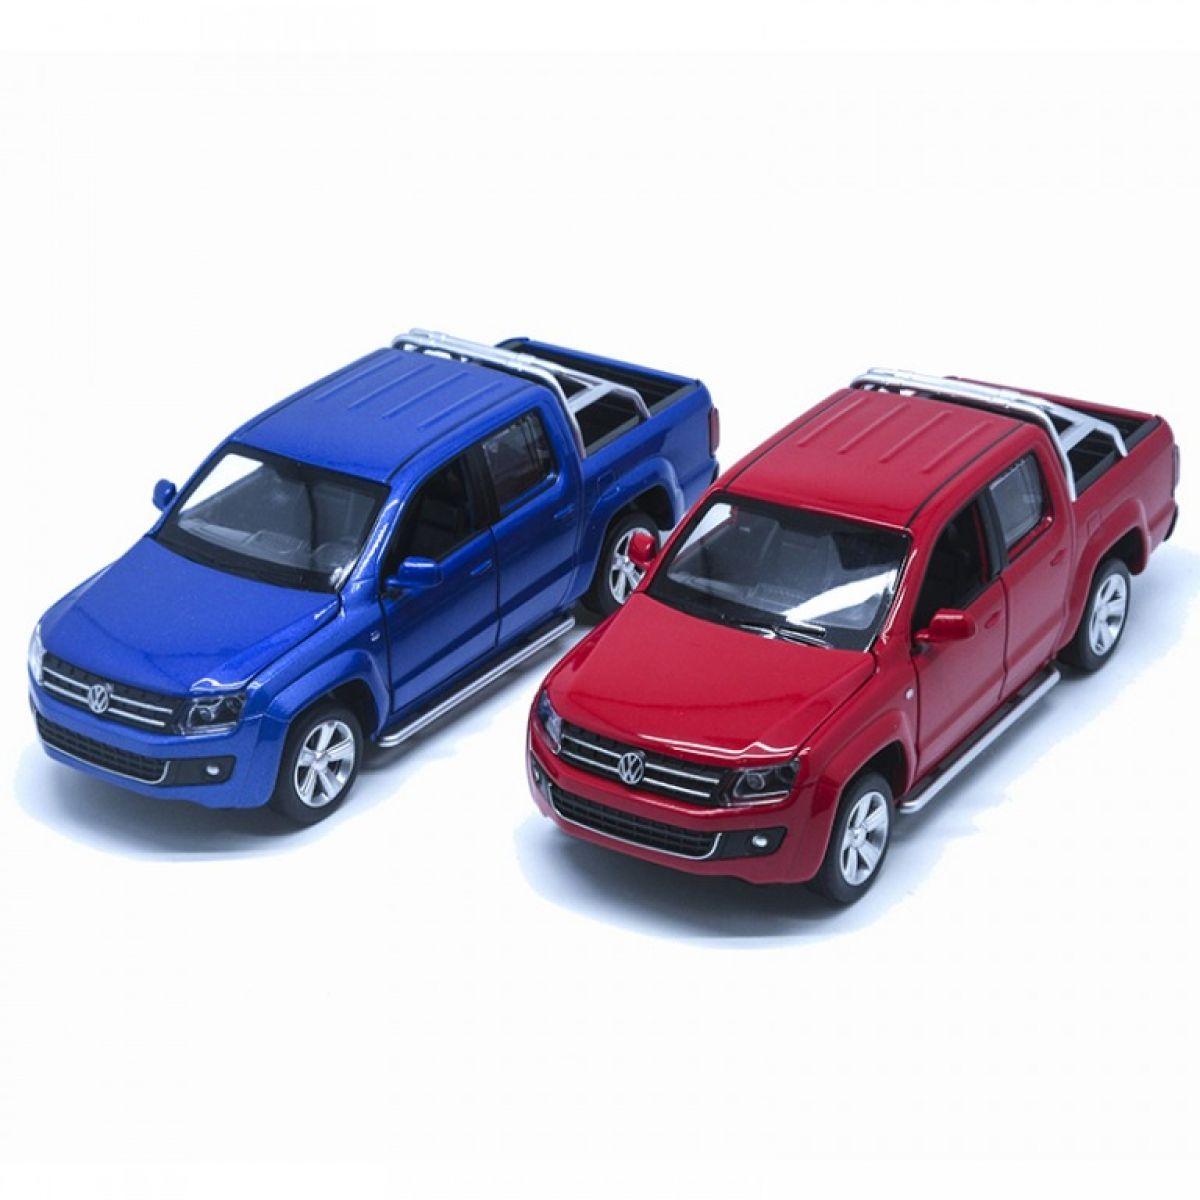 HM Studio kovový model Volkswagen Amarok červený 1:30